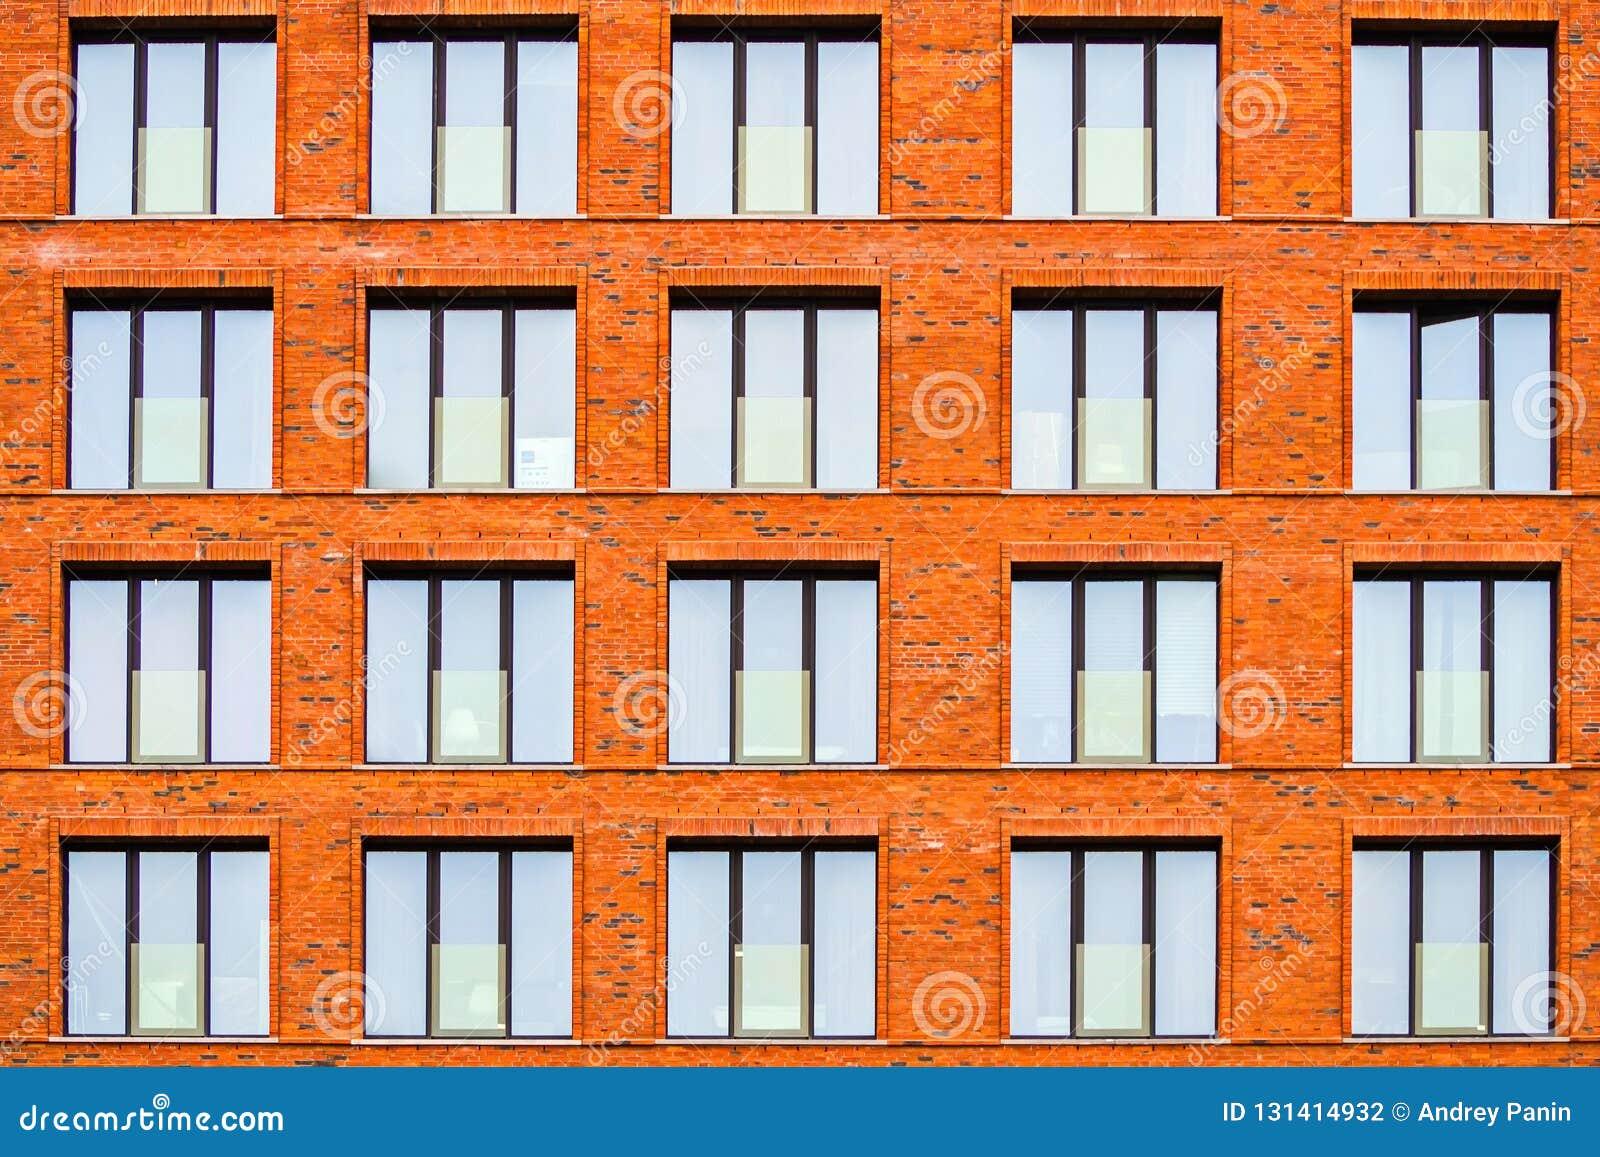 Brickwork fasada budynek mieszkalny w loft stylu